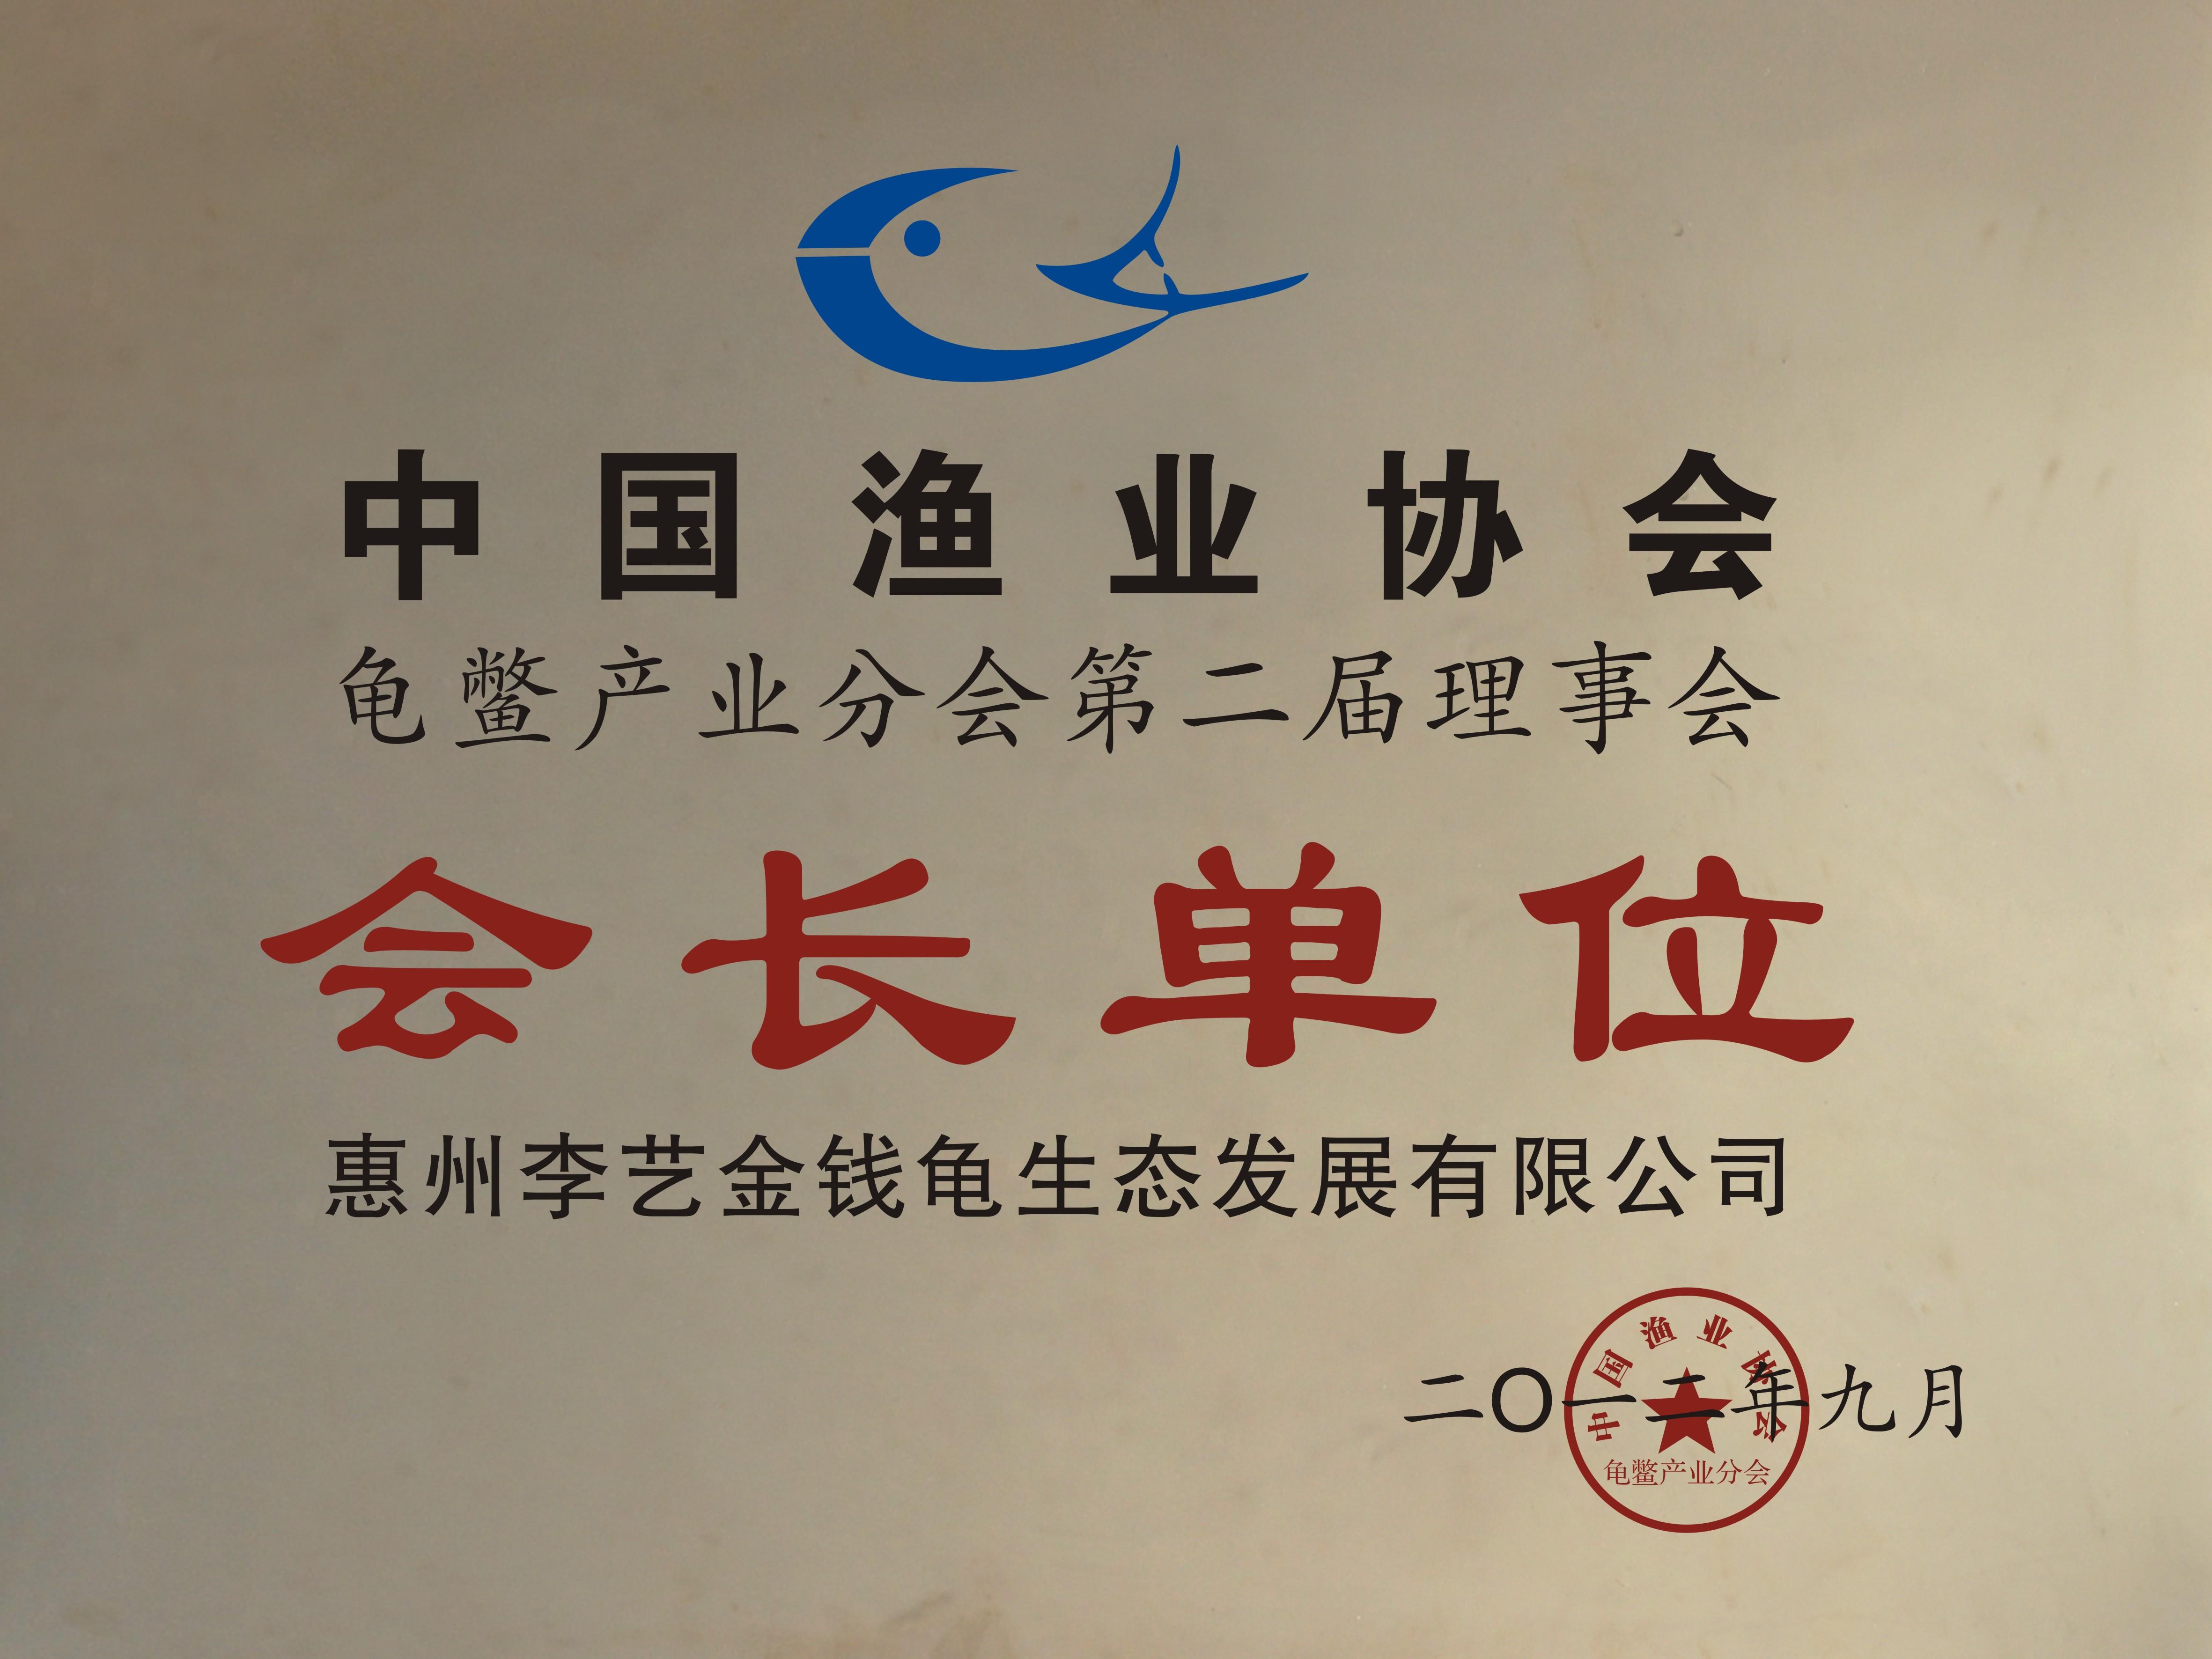 中國漁業協會龜鱉產業分會第二屆理事會會長單位